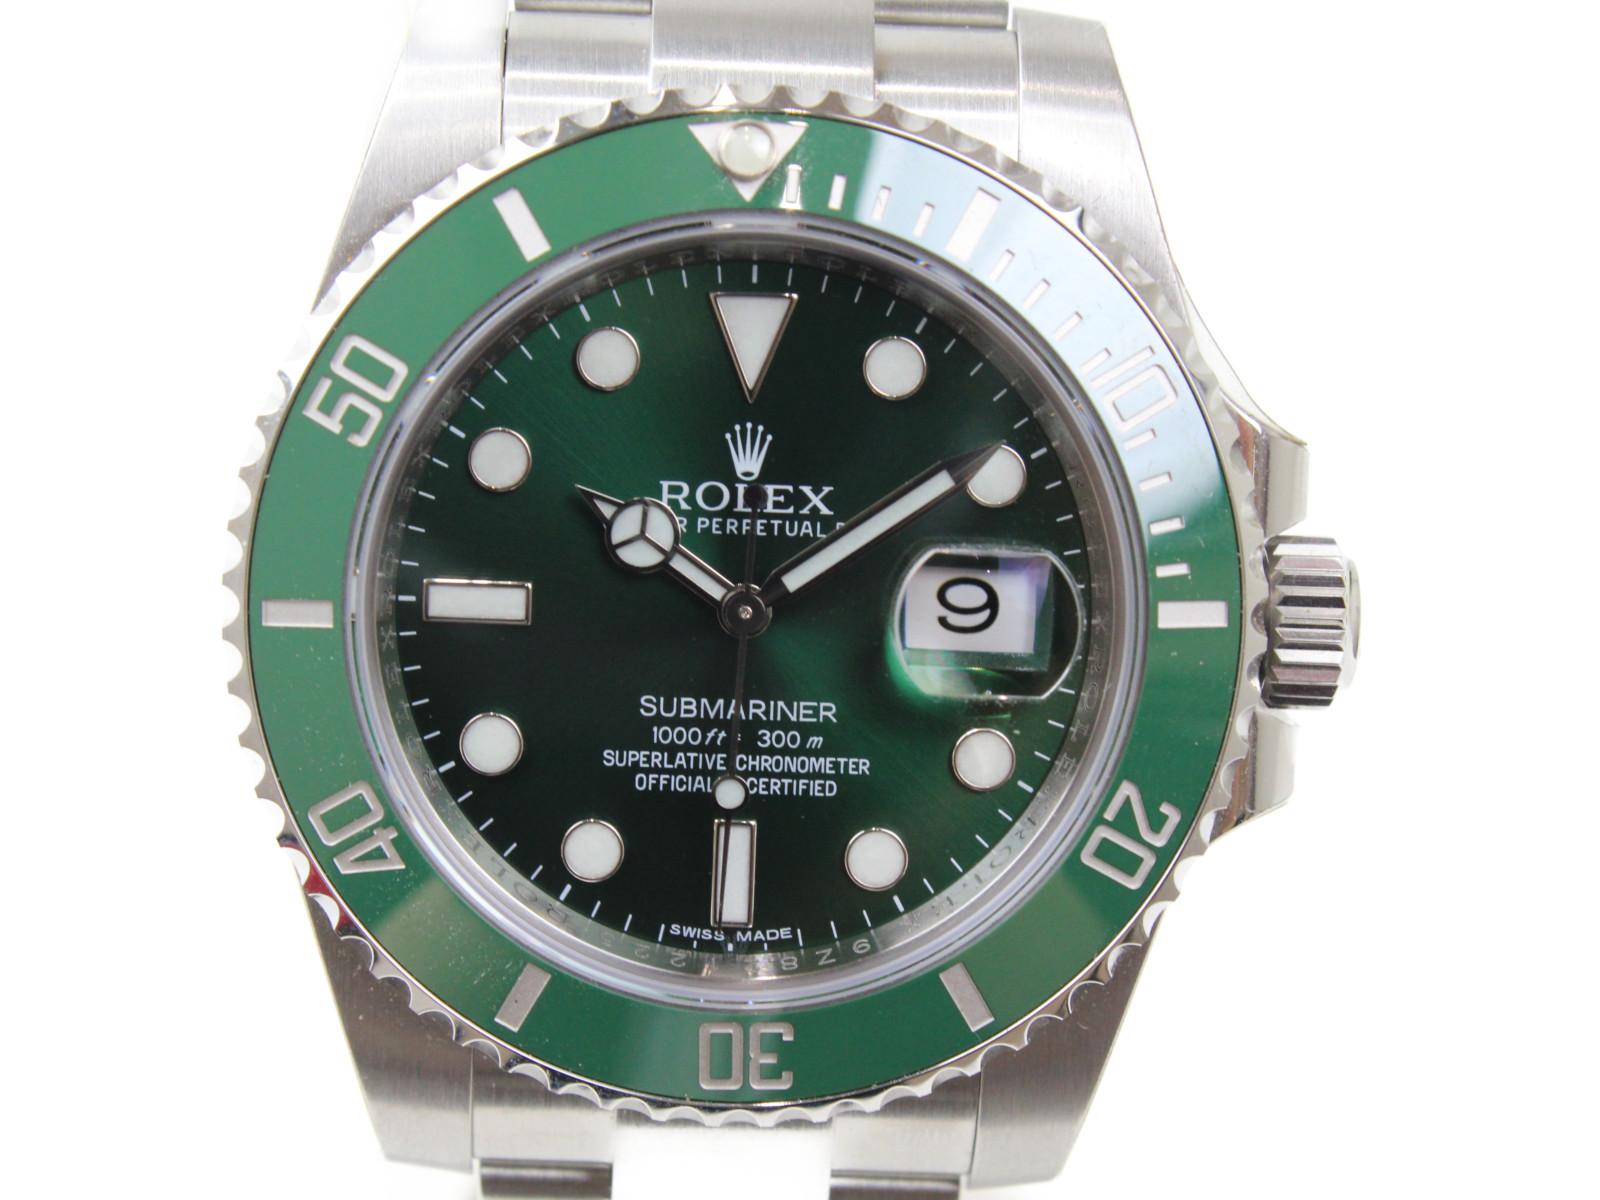 【完全未使用品】ROLEX ロレックス サブマリーナーデイト 116610LV ランダム 自動巻き デイト SS ステンレススチール セラミックベゼル グリーン グリーンサブ 緑サブ メンズ 腕時計【中古】